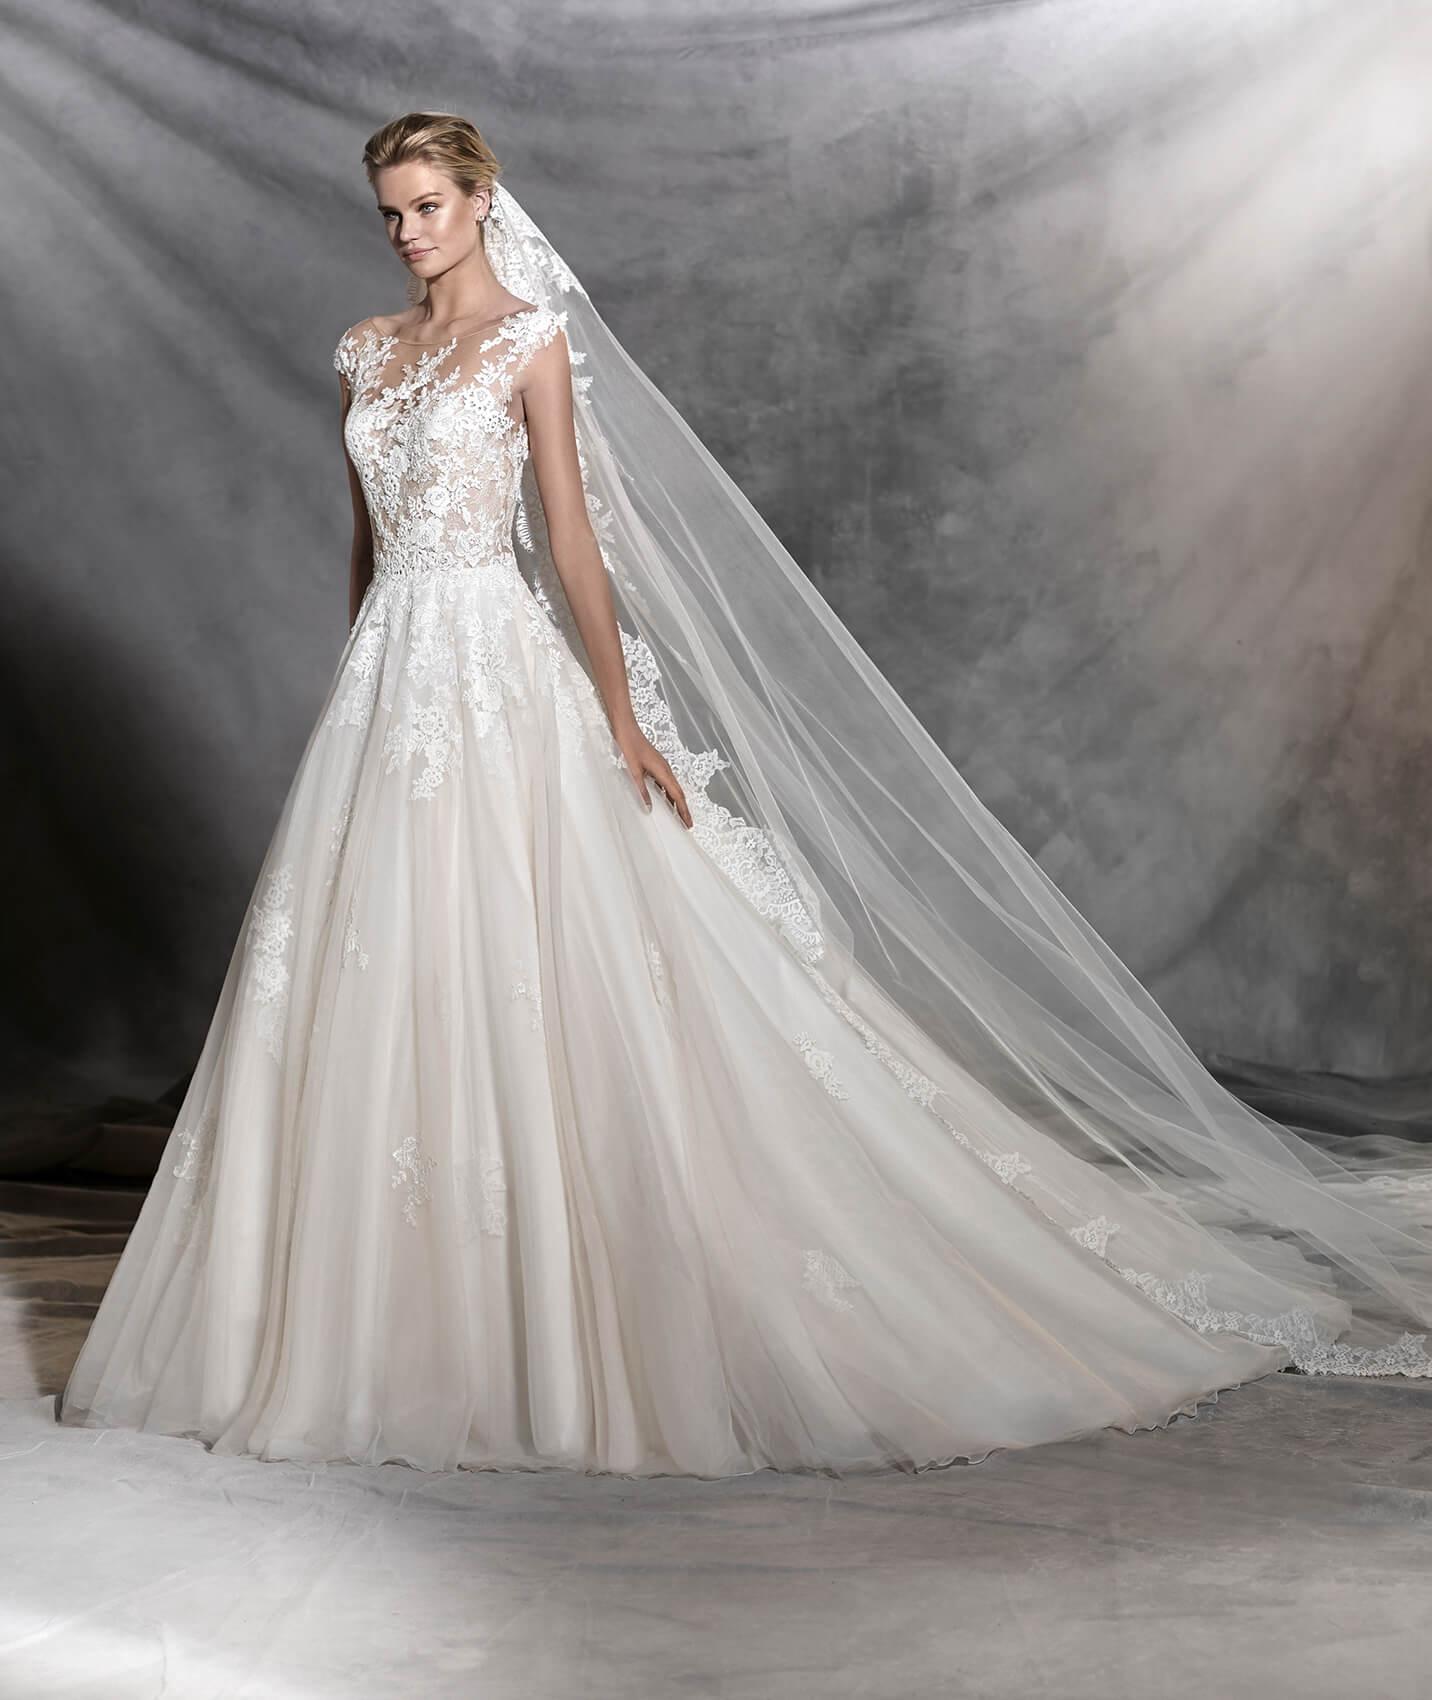 Ofelia vestuvinė suknelė